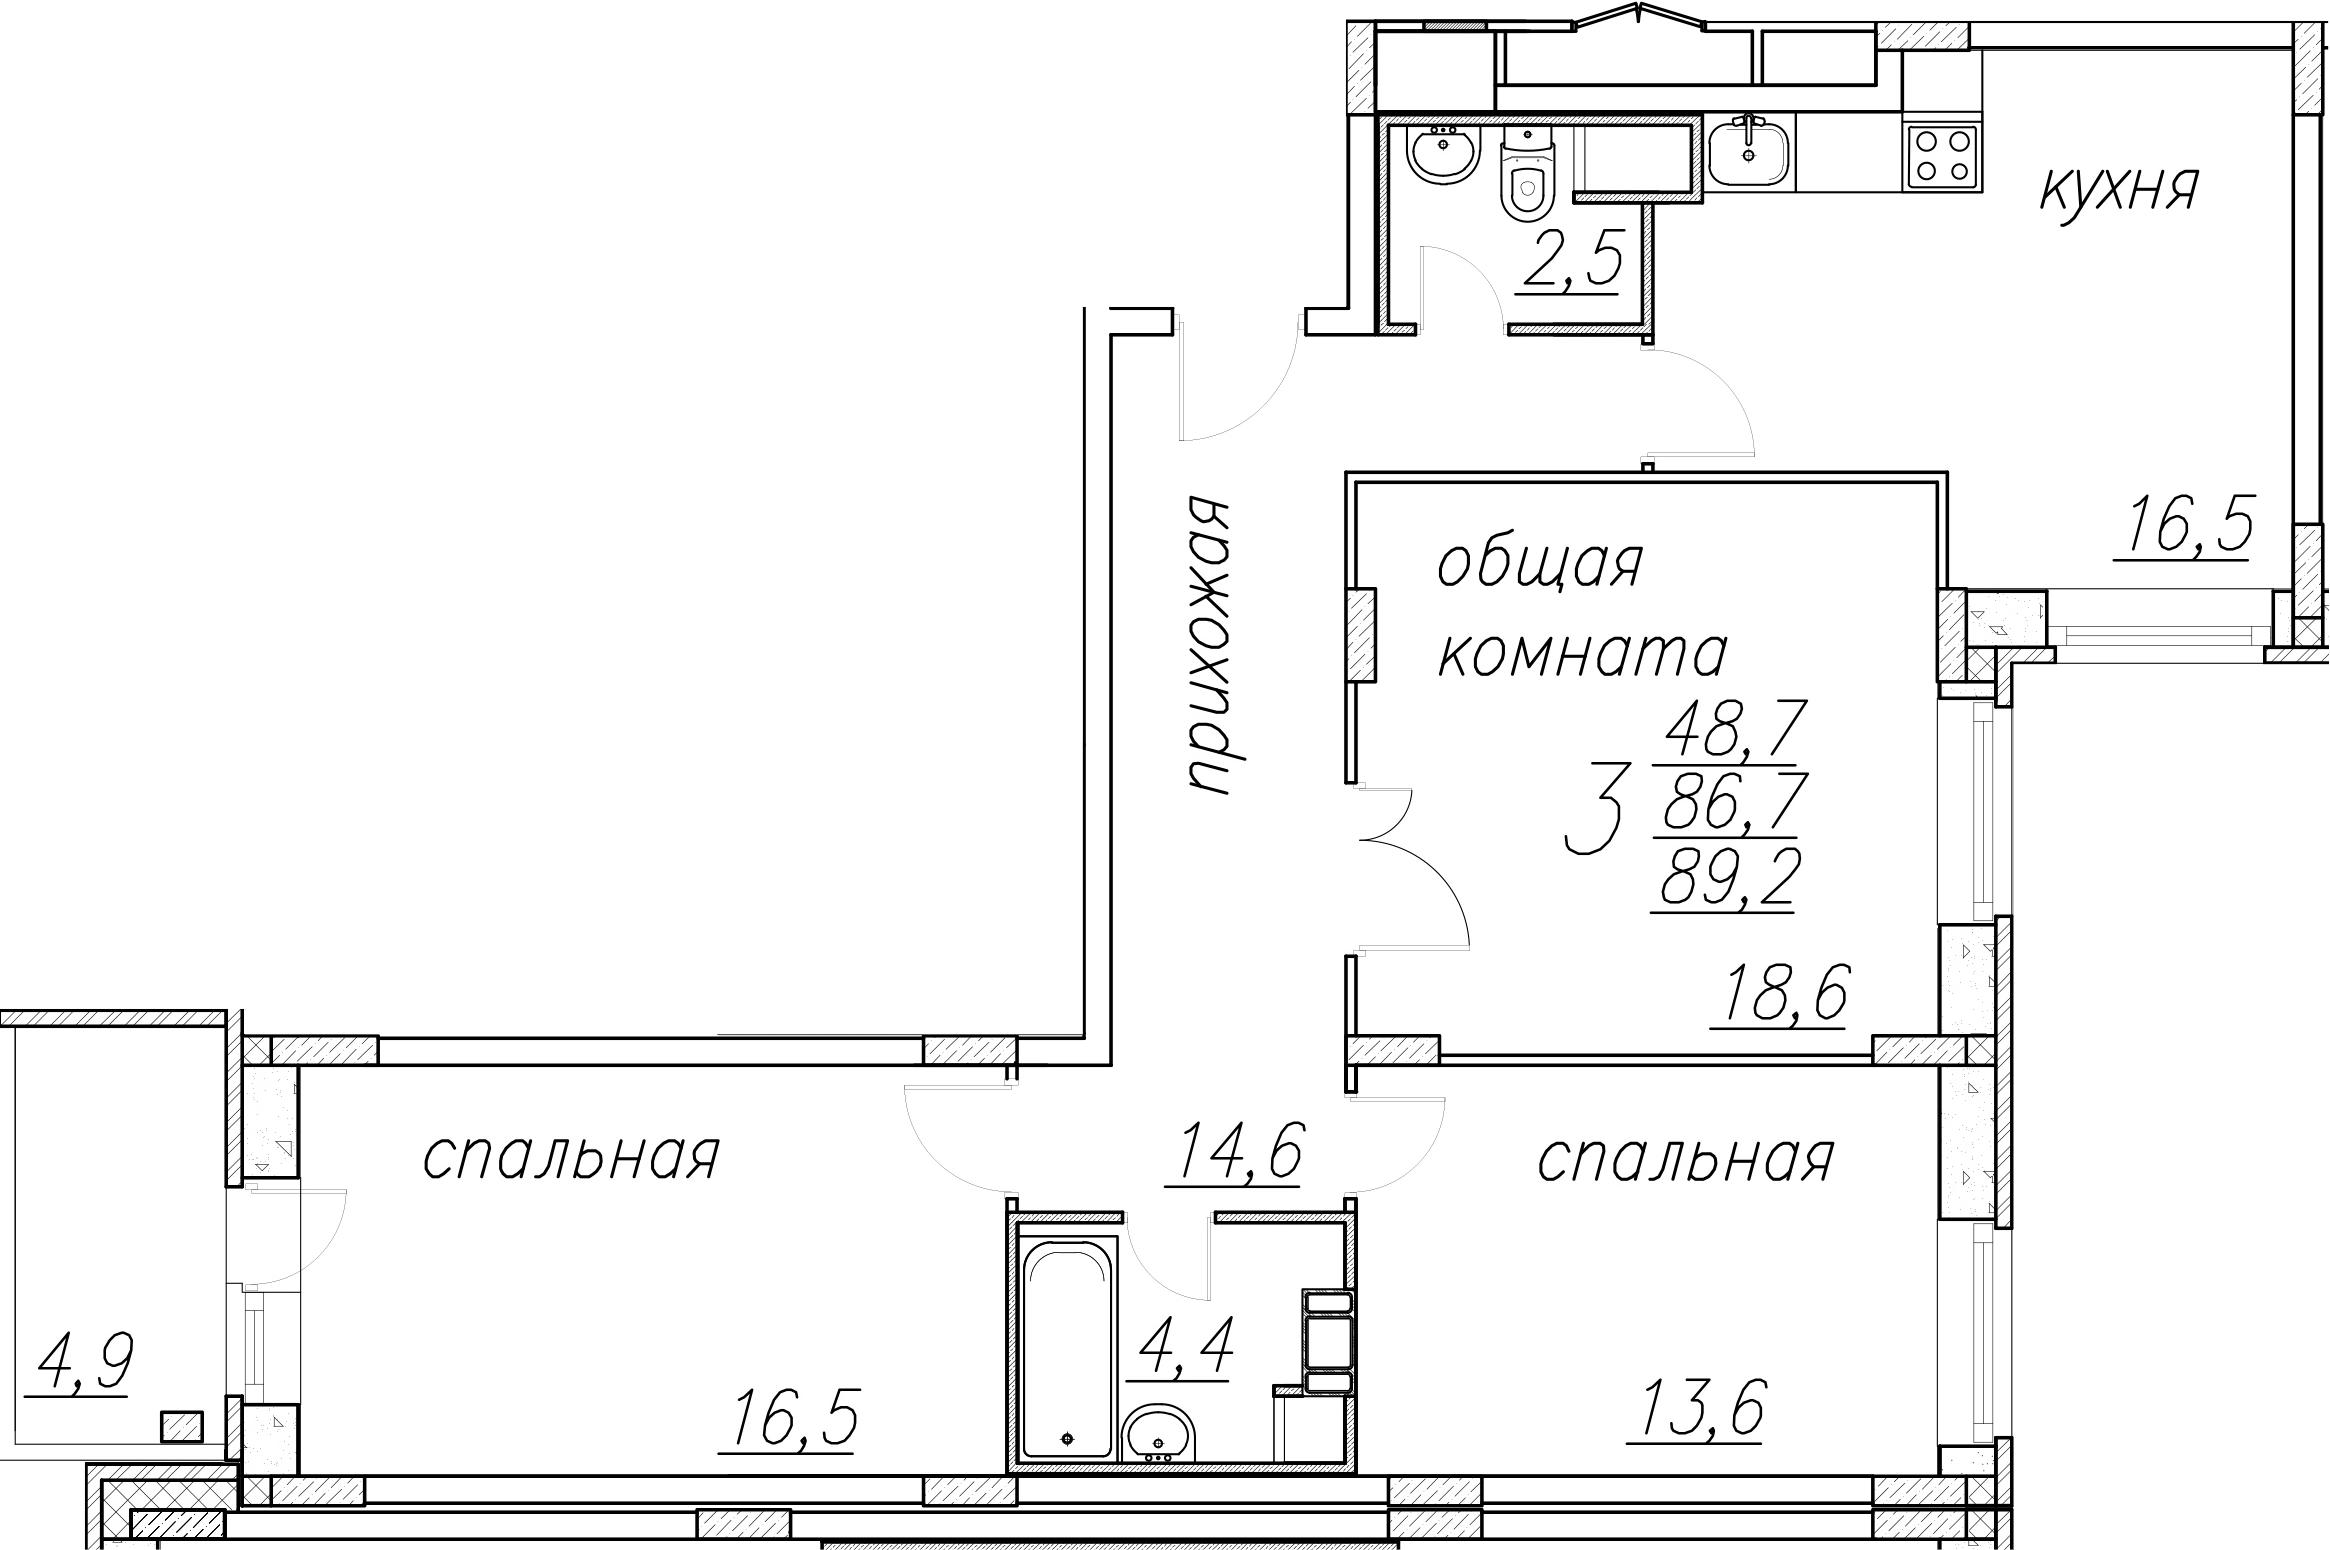 3-комнатная, 89.2 м²– 2